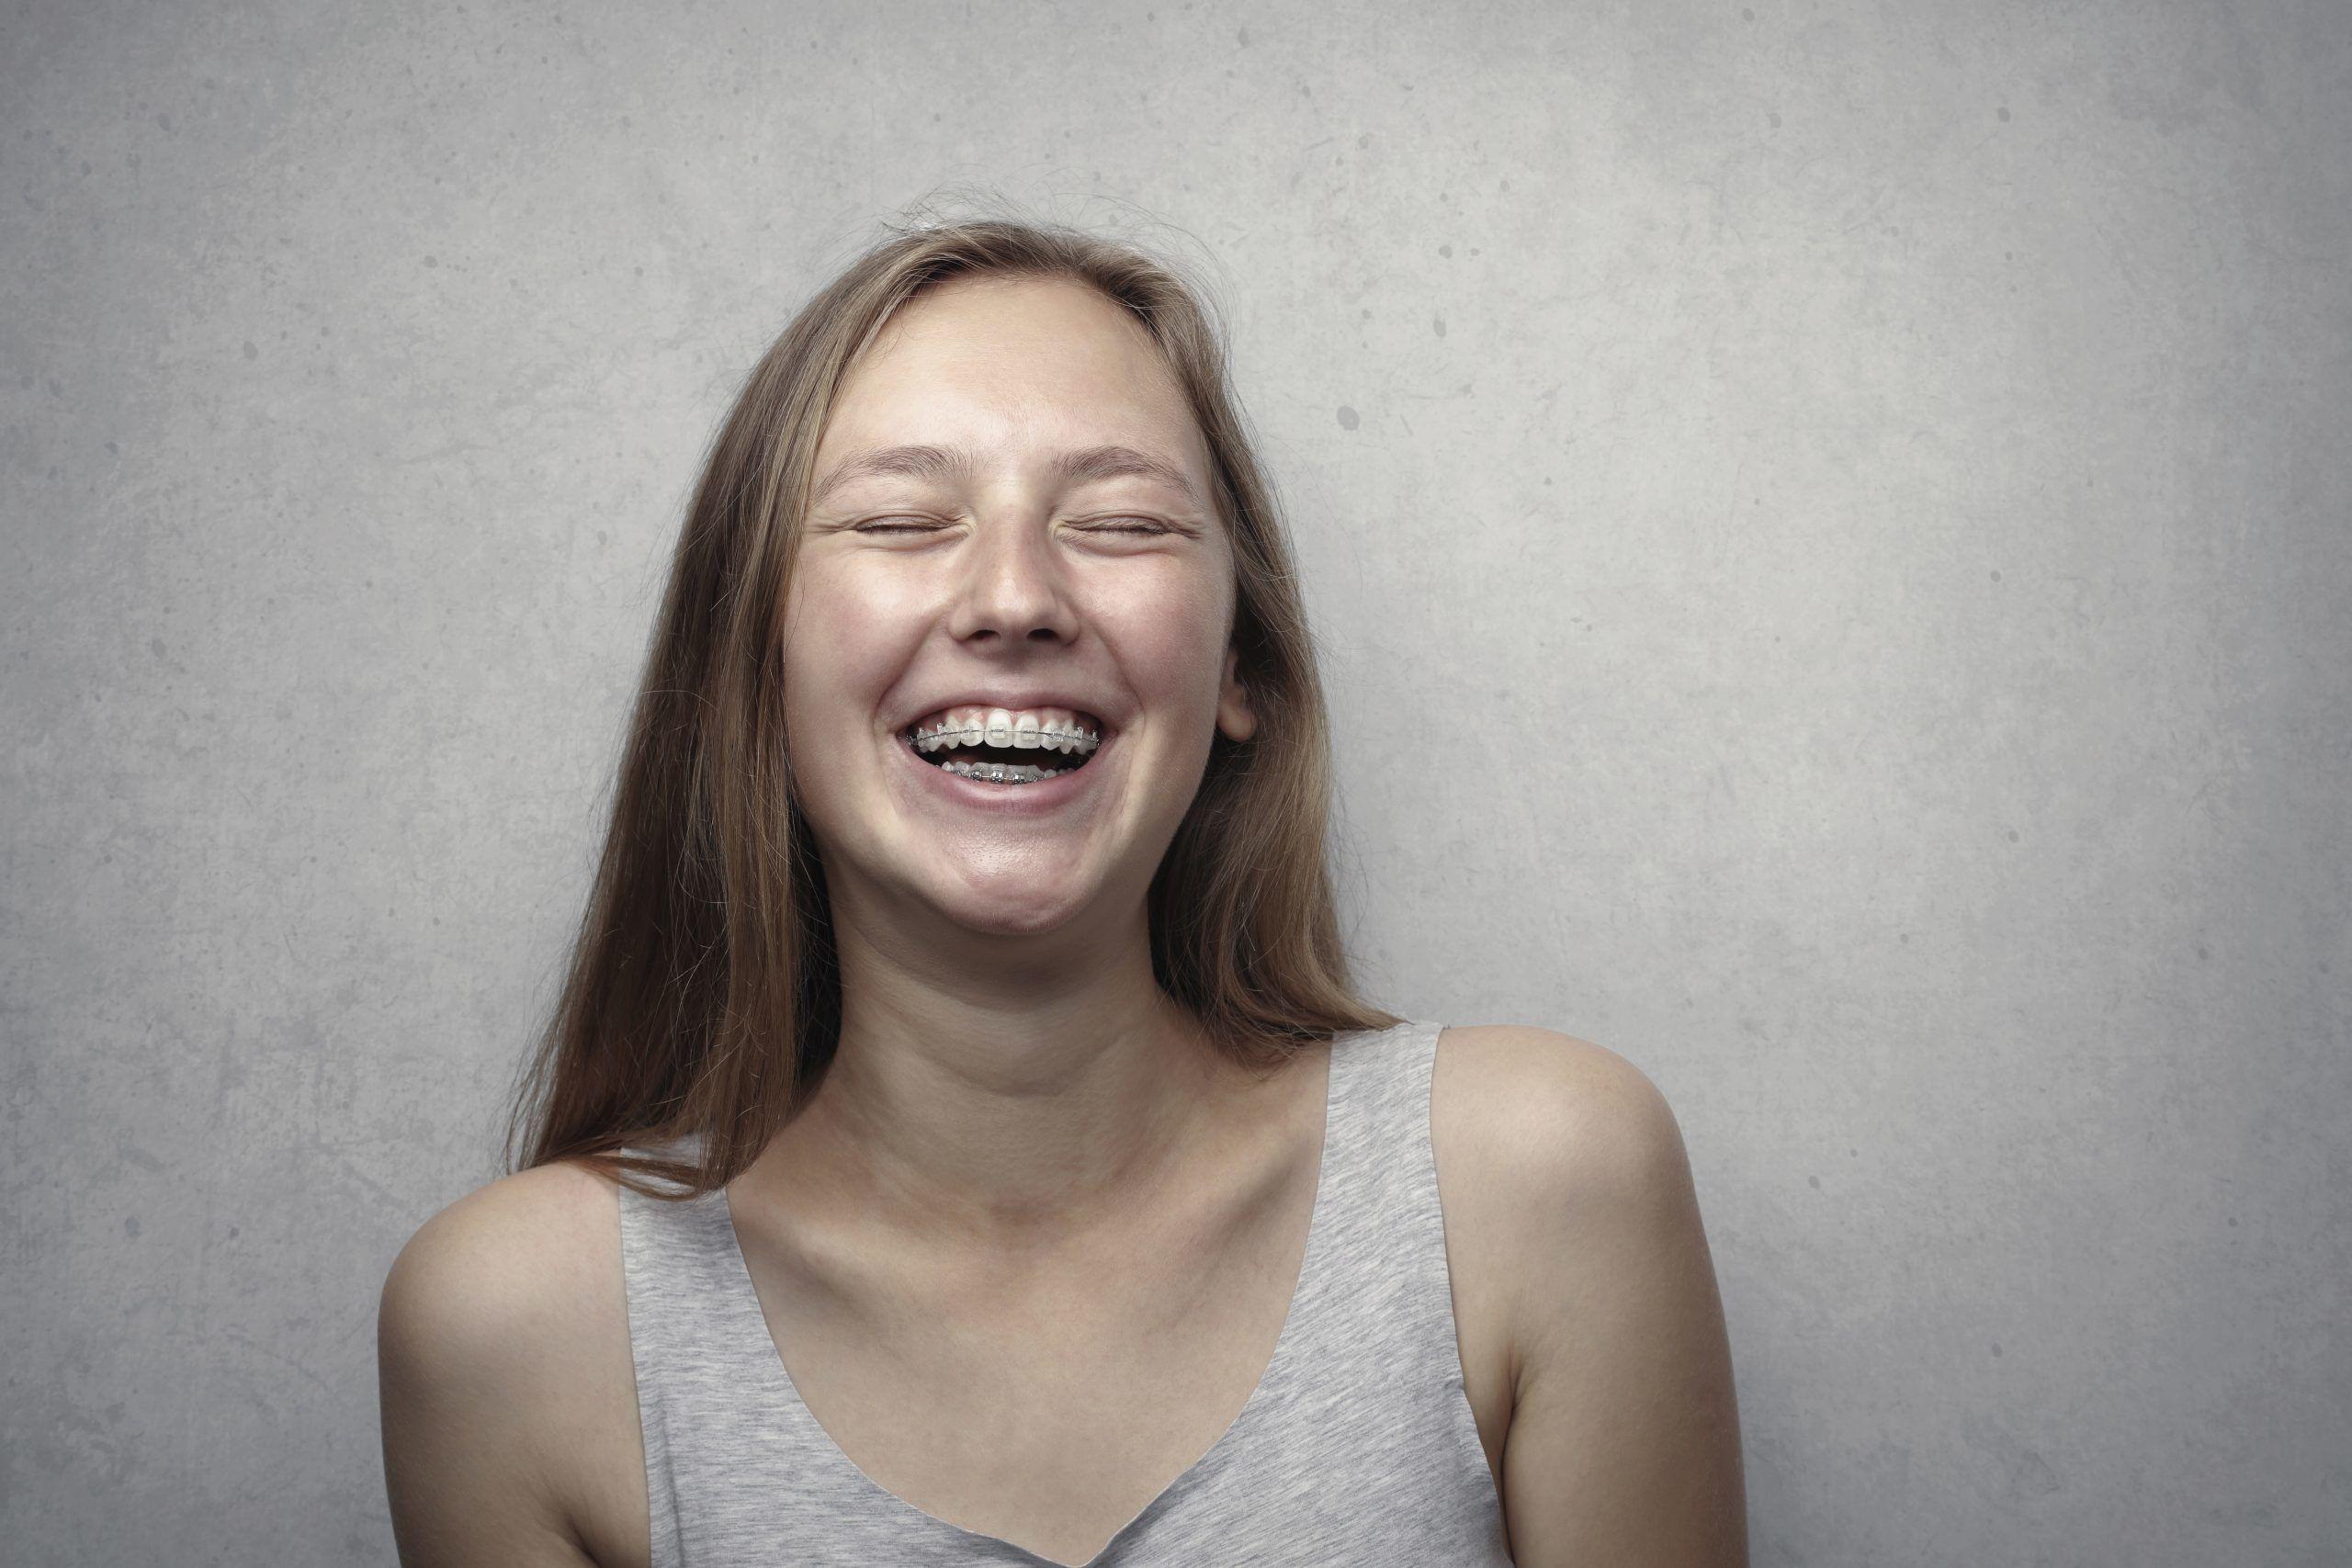 Urgenze ortodontiche: come risolverle?